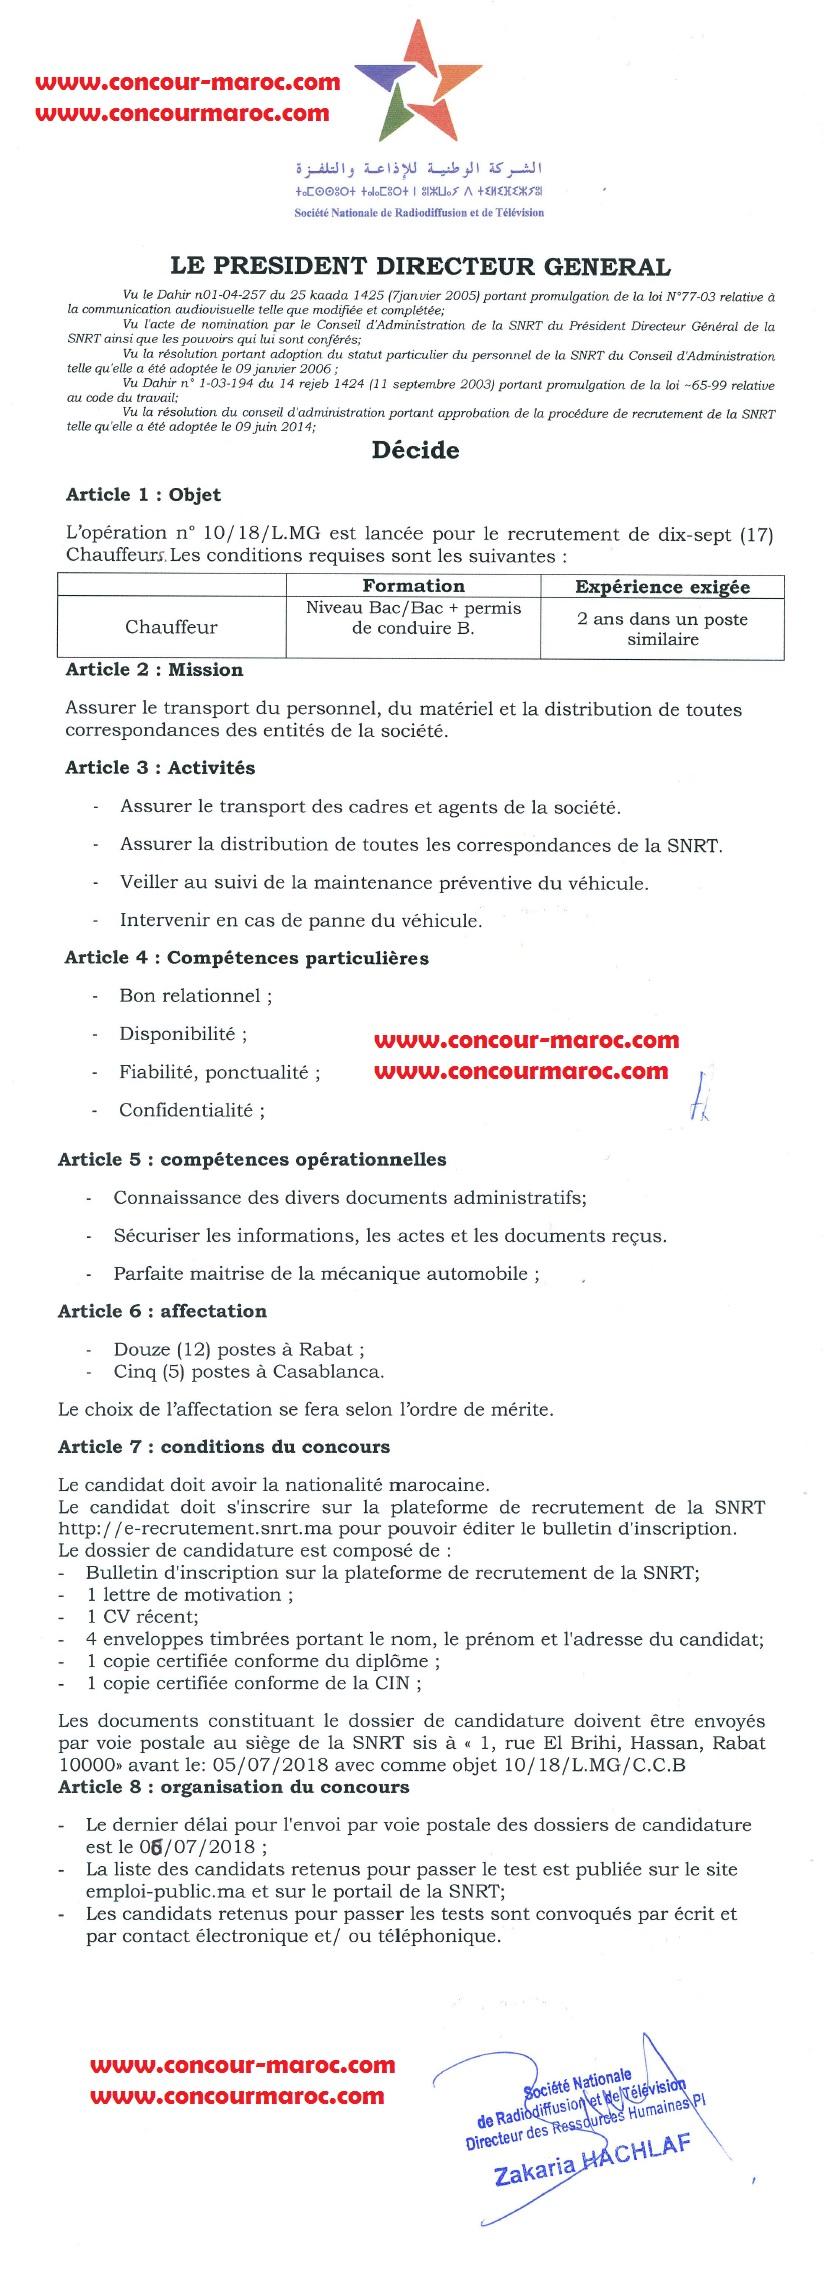 الشركة الوطنية للإذاعة والتلفزة : مباراة لتوظيف 17 سائق - رخصة السياقة نوع B آخر أجل 6 يوليوز 2018 Socizo10